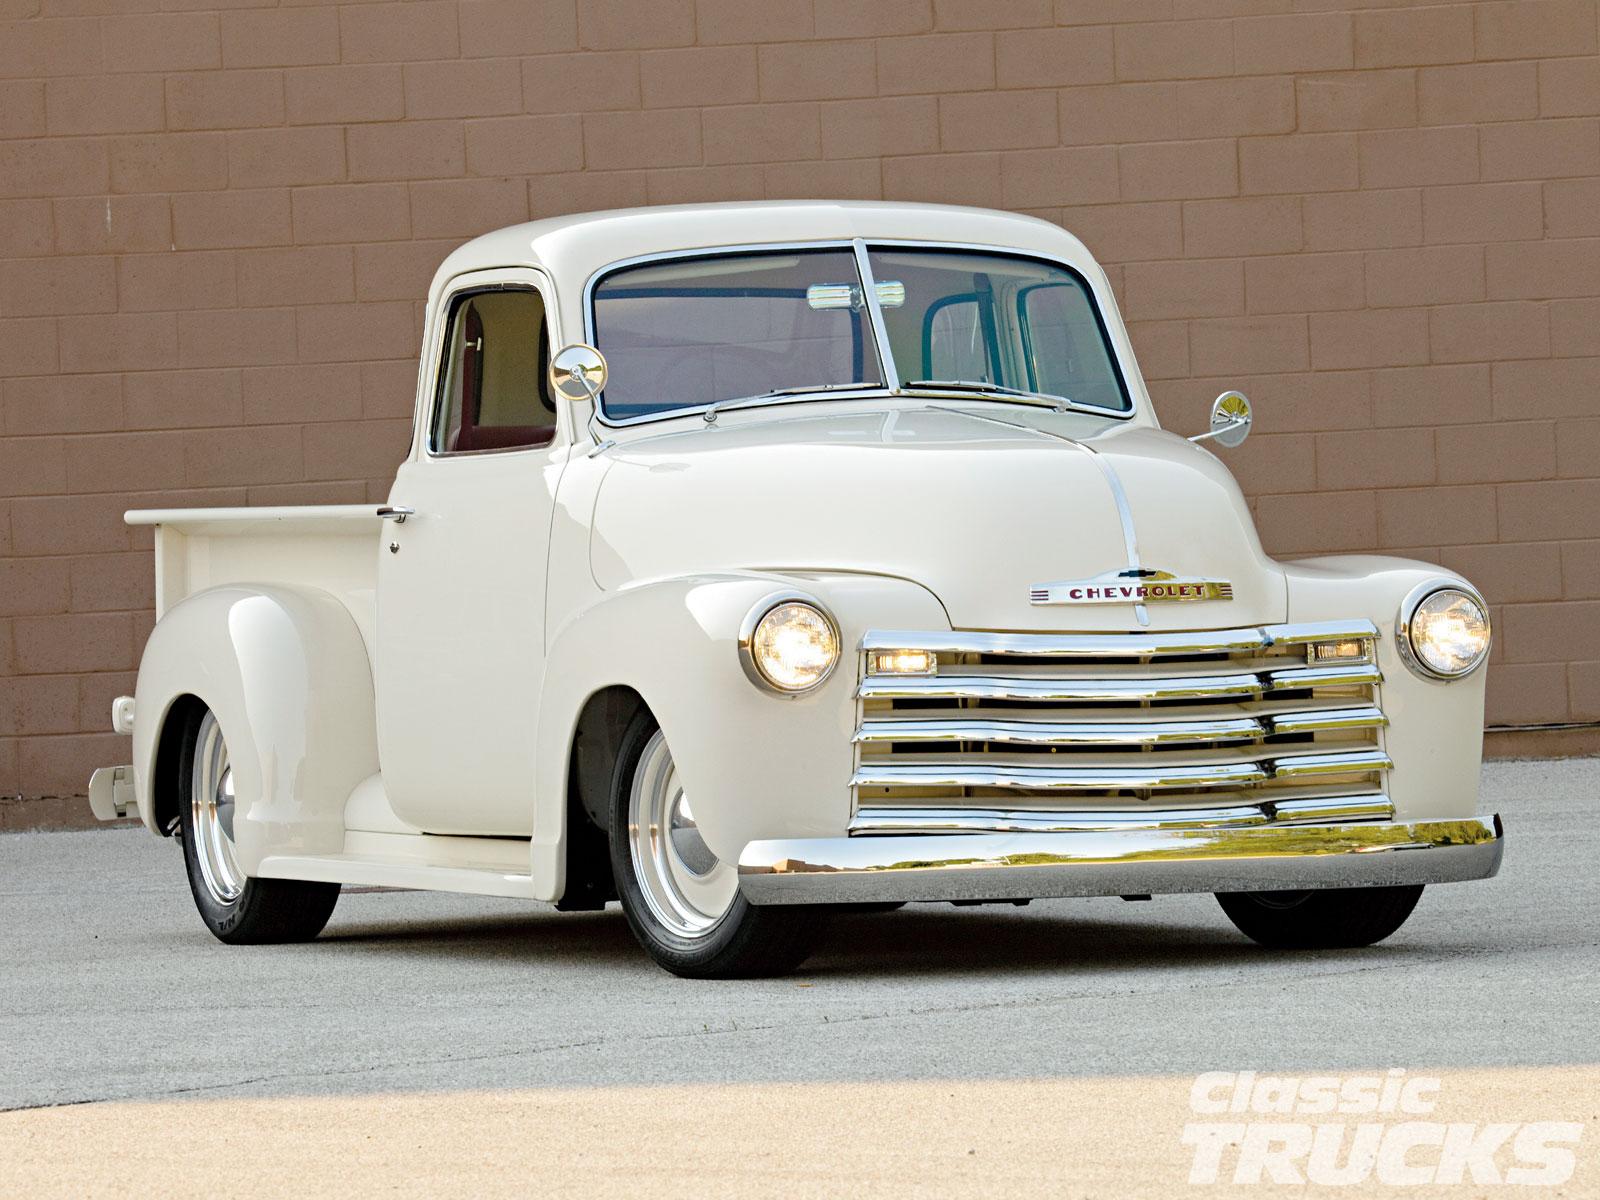 classic-chevy-truck-a2b61b8243b70aa1.jpg